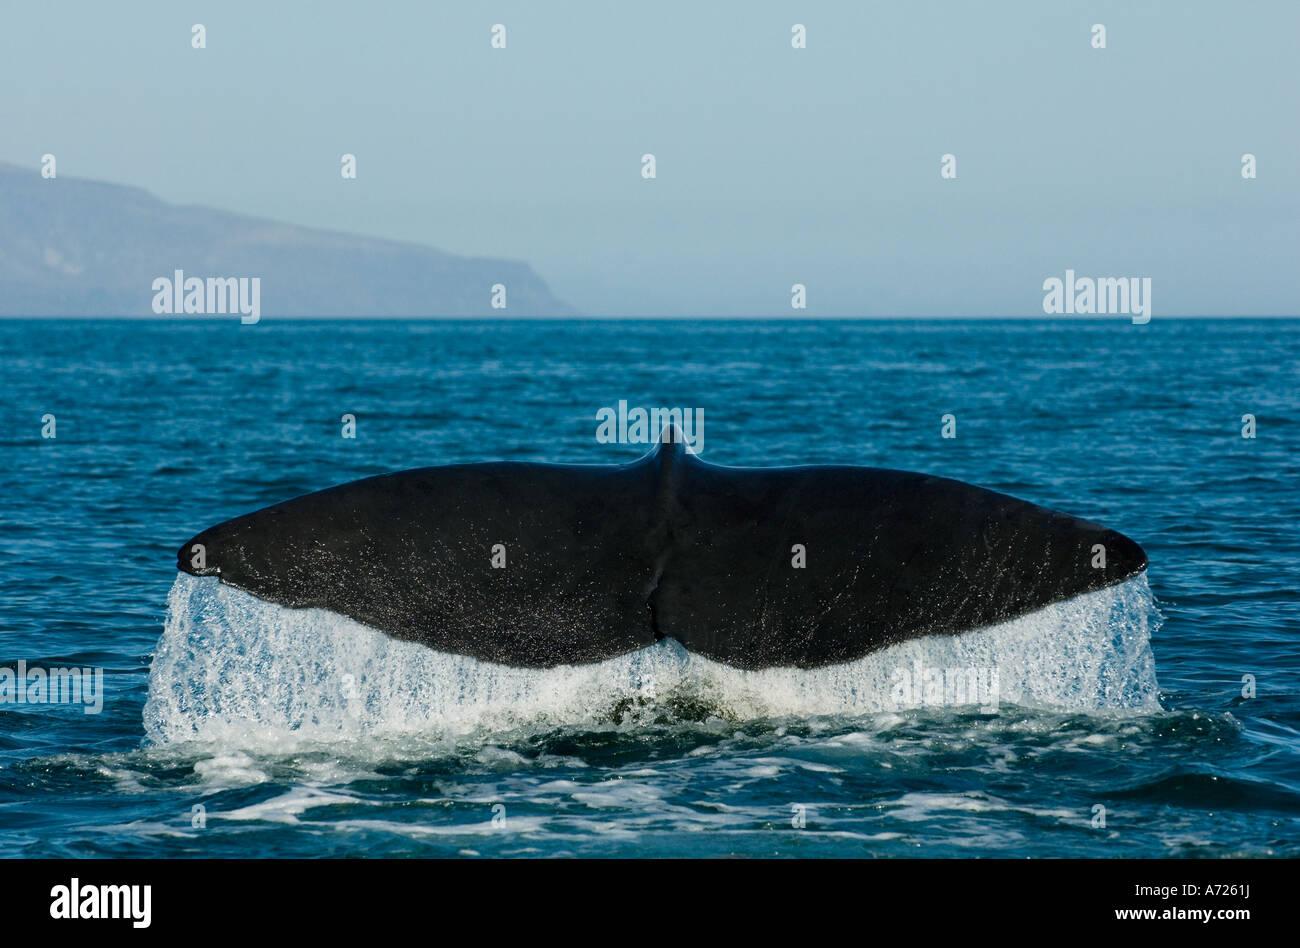 Cachalote (Physeter macrocephalus) Buceo Mar de Cortés, en Baja California, México Imagen De Stock